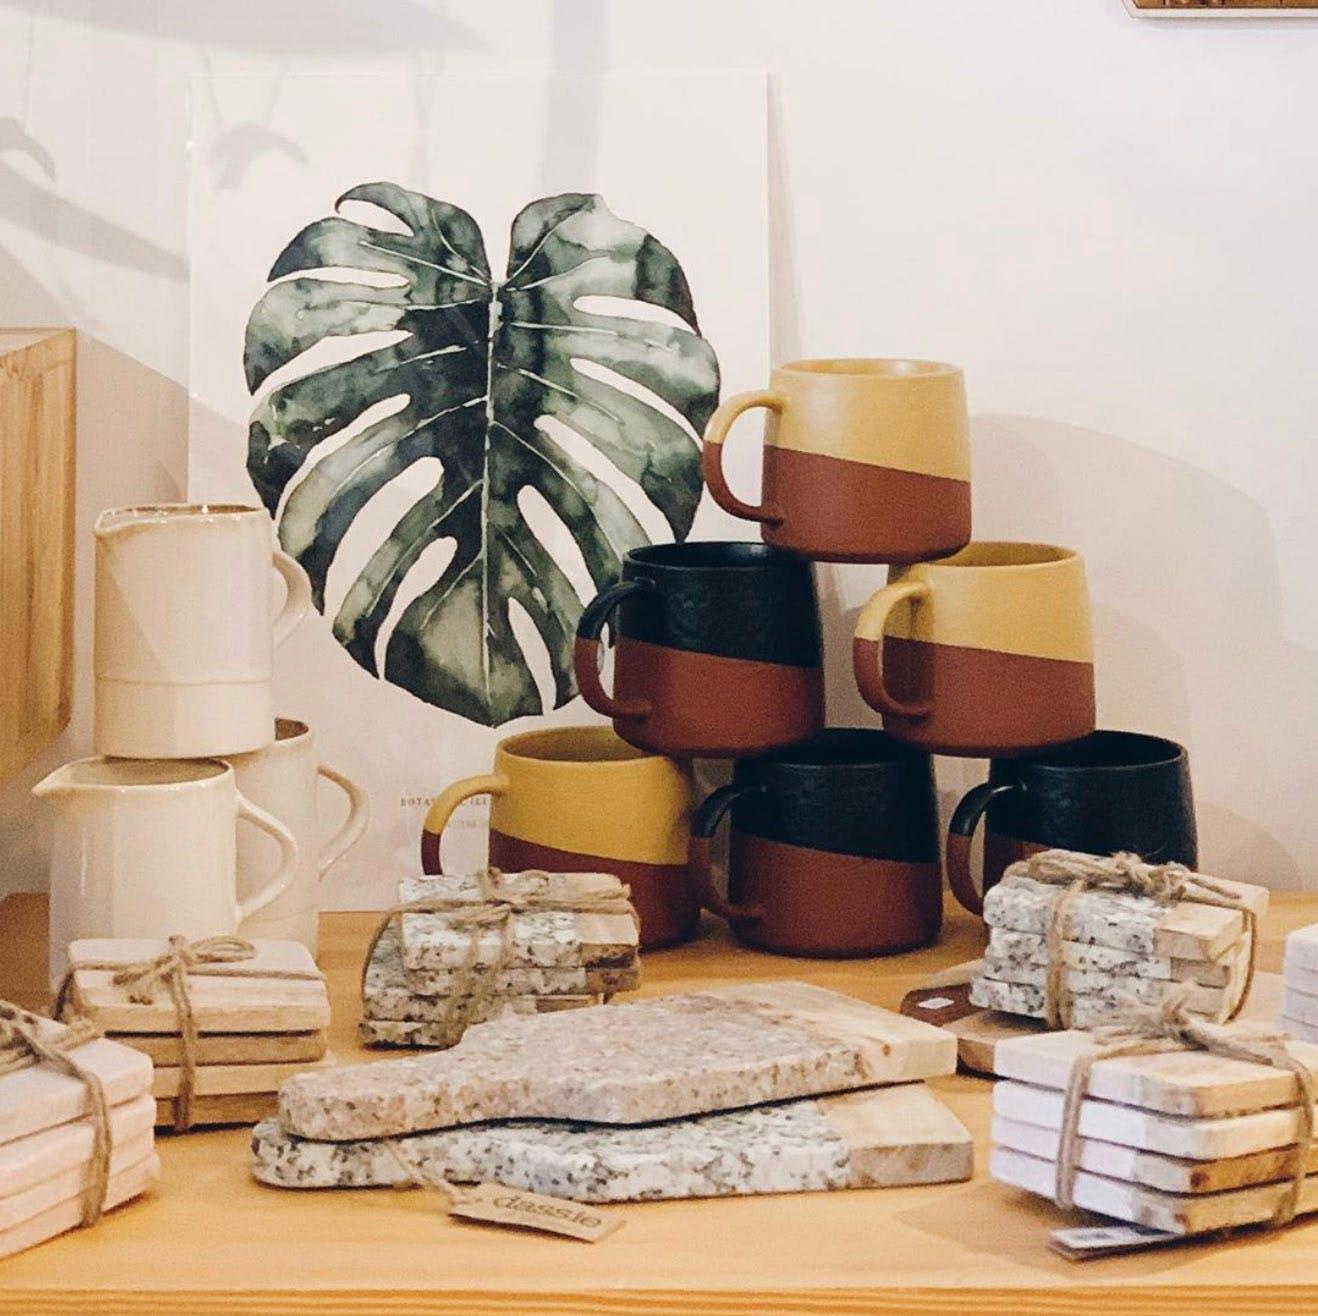 Bel assemblage de produits chez Ooak Cabinet des Curiosités, à Louvain-la-Neuve